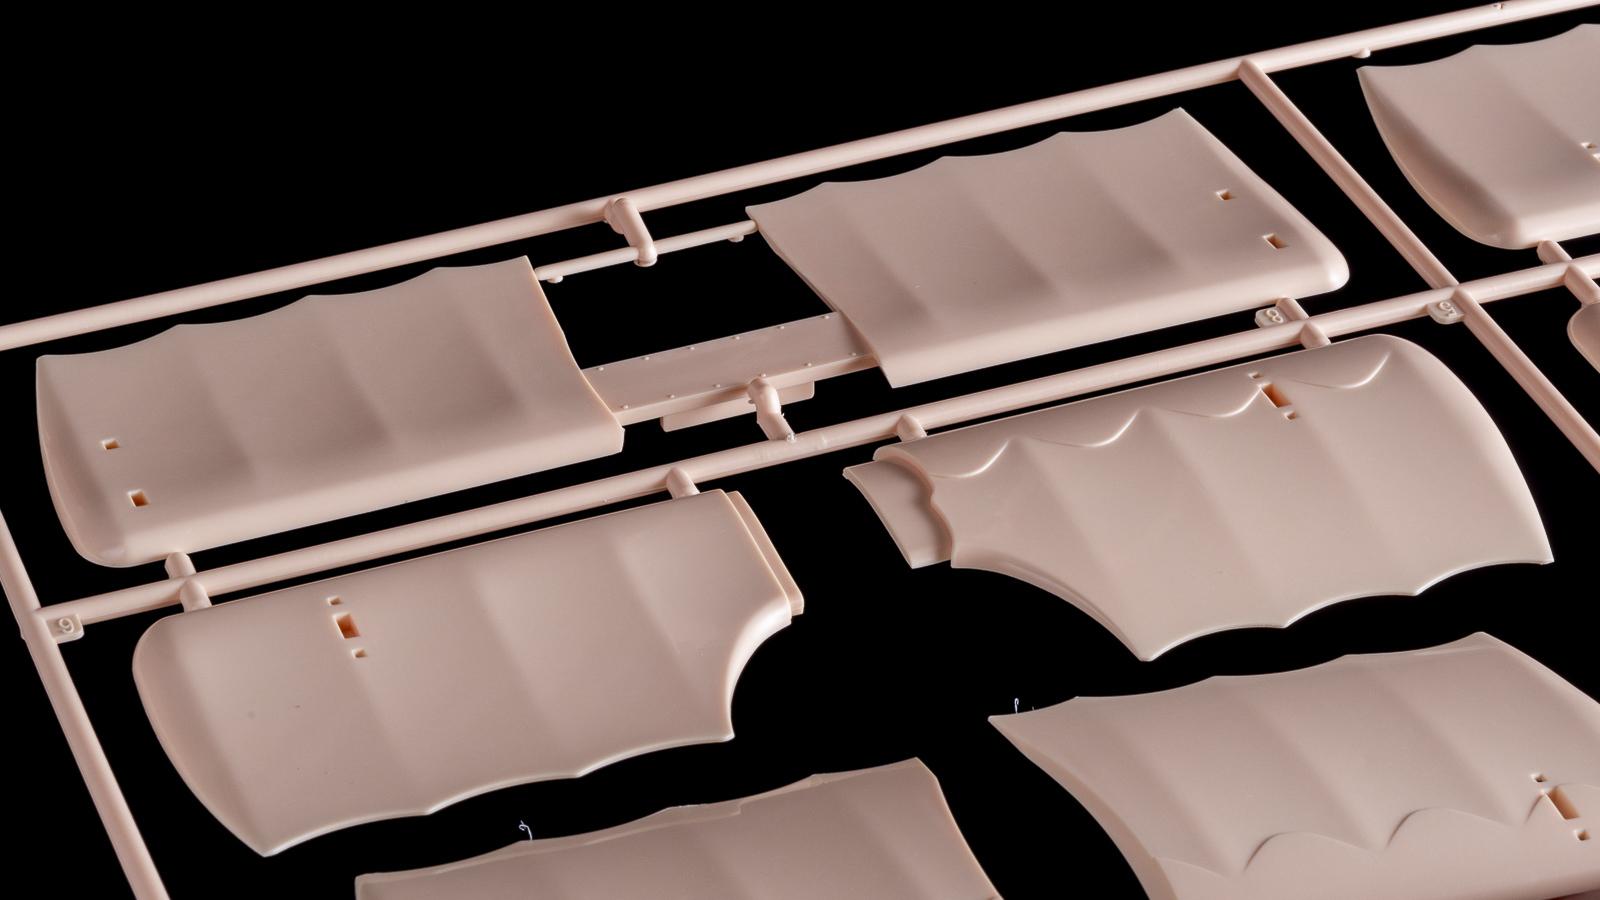 上海発、インディーズプラモメーカーの飛行機模型に痺れた話_b0029315_20035905.jpg